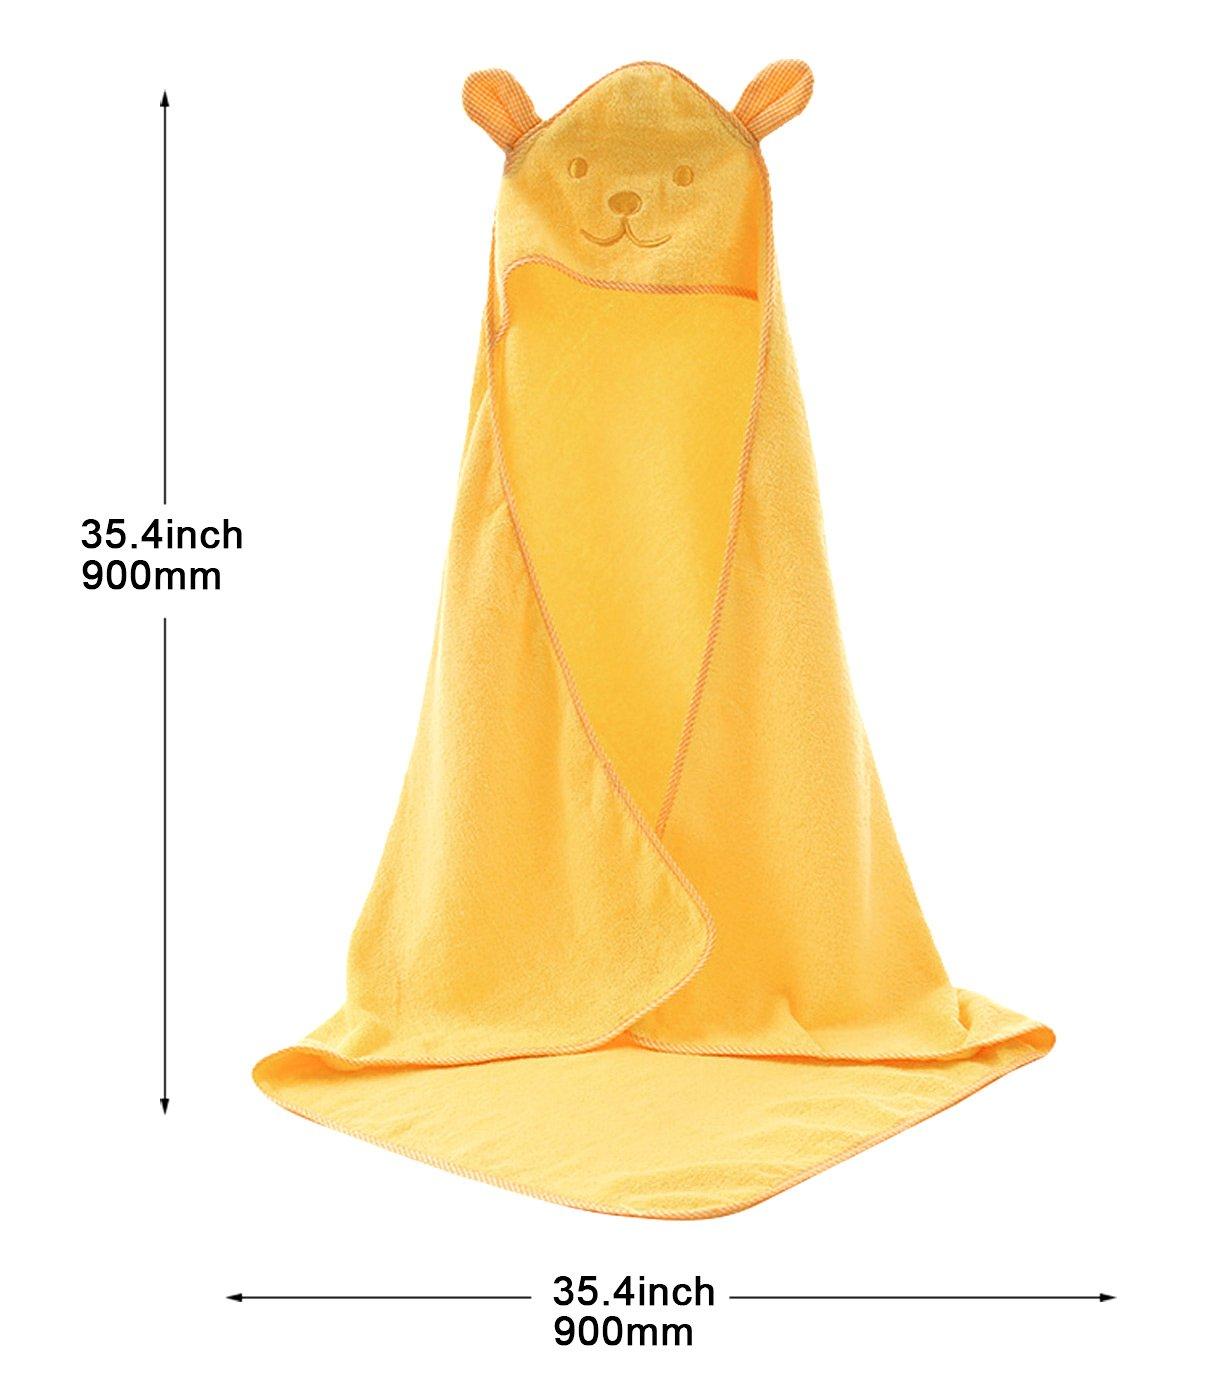 Unisex Baby Badetuch Kapuze Handtuch Badeponcho 100/% Baumwolle Duschtuch Kuschelig Strandt/ücher Weich Bademantel 90cm*90cm-Blau